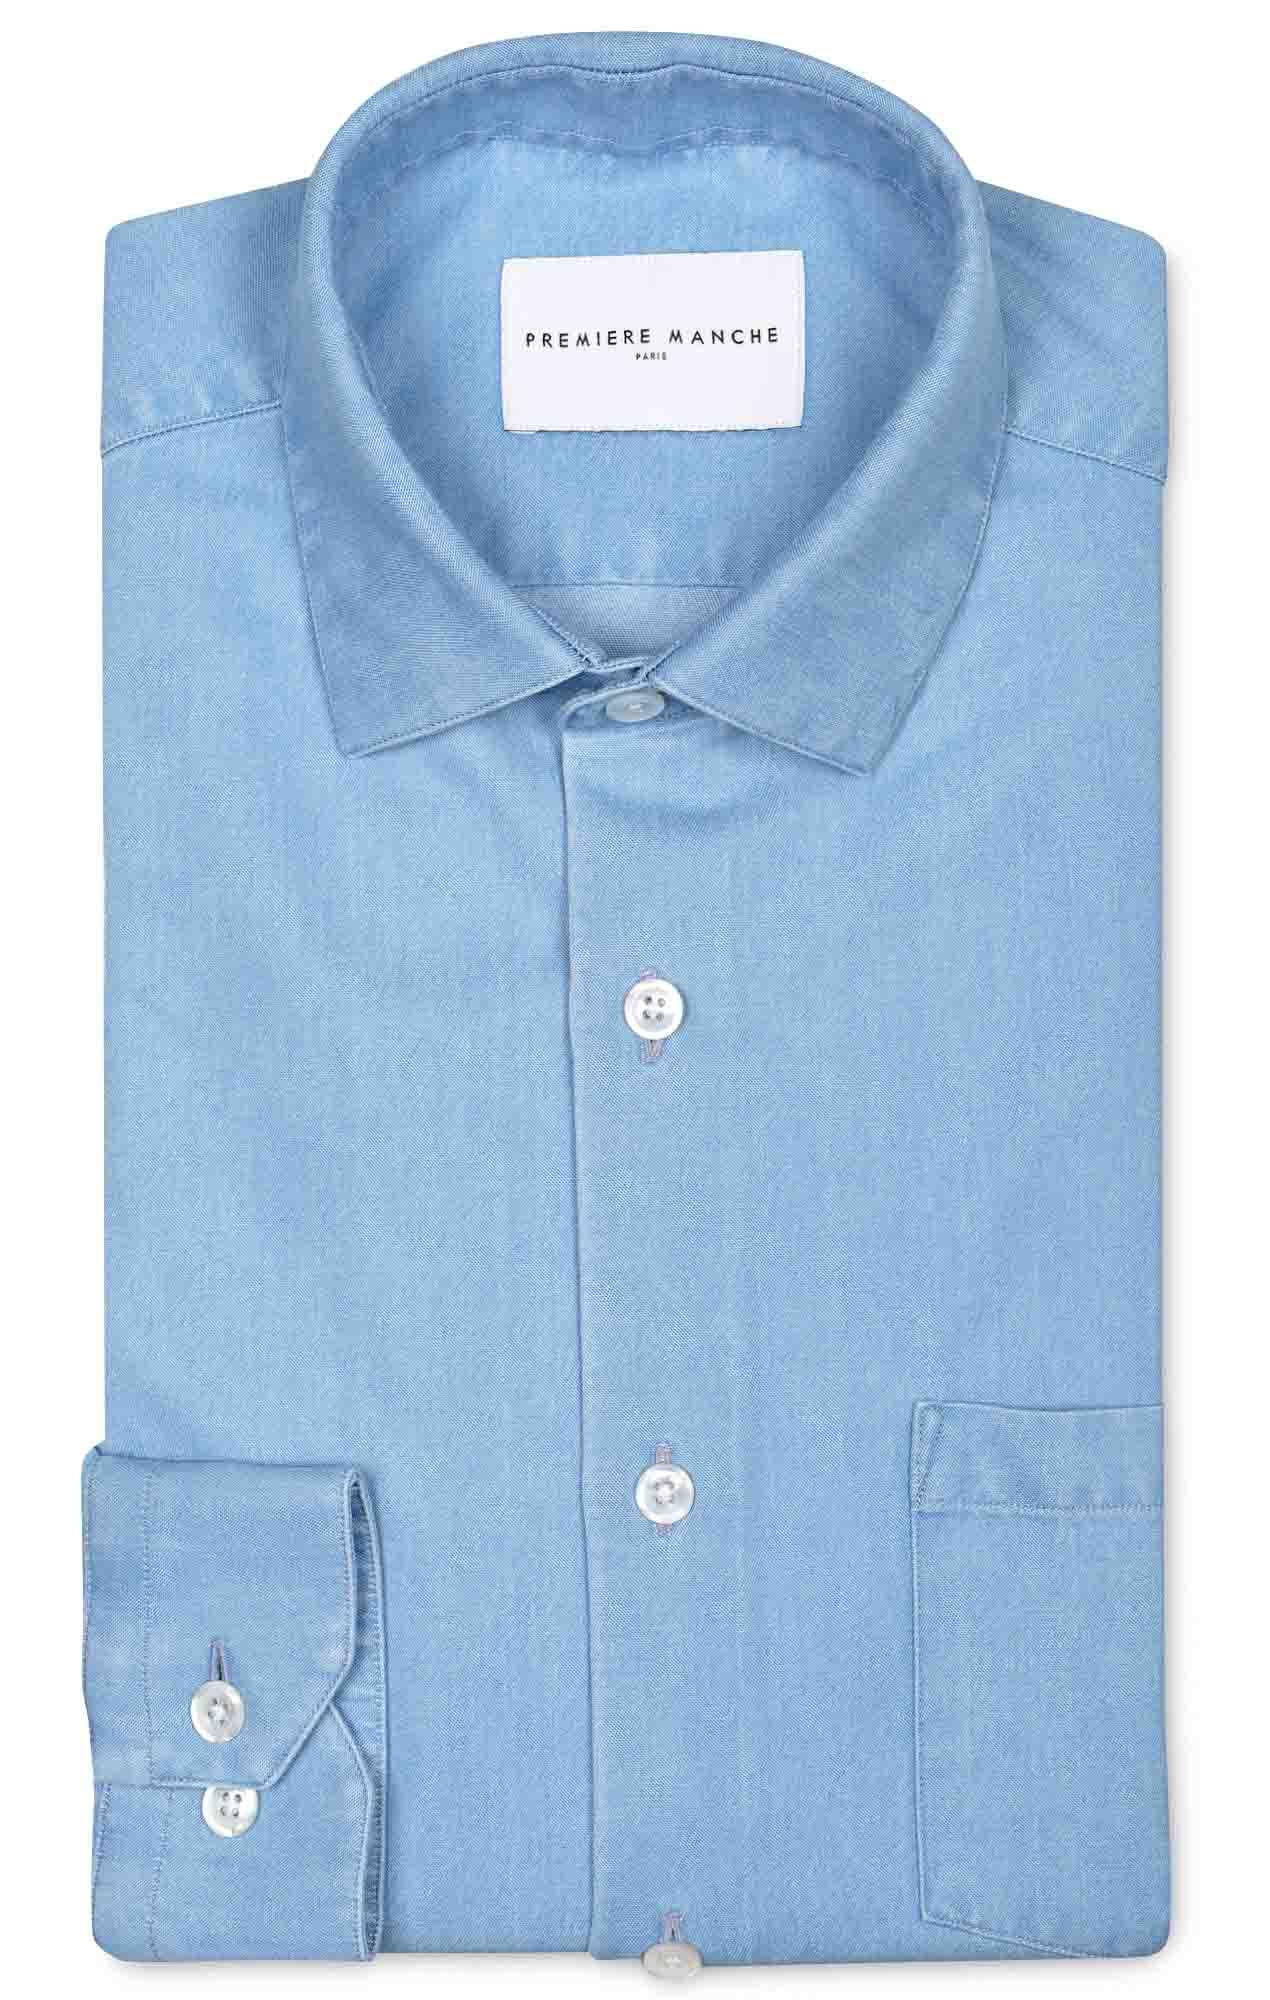 Chemise denim italien bleu ciel Les chemises